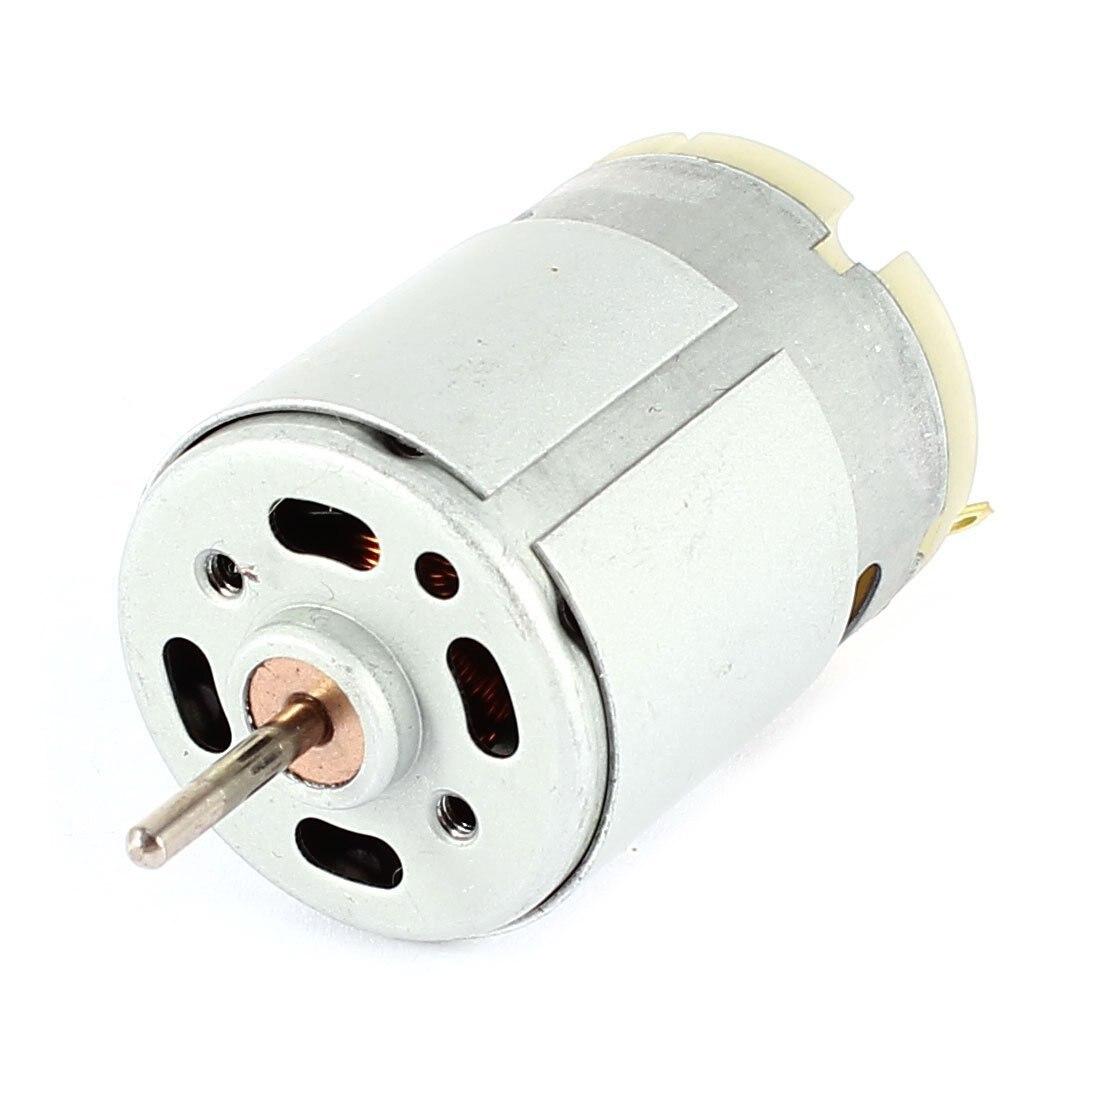 CNIM caliente RS380 DC 1,5-18V 30000 Micro Motor RPM 38x28mm para el modelo de RC juguetes de plata